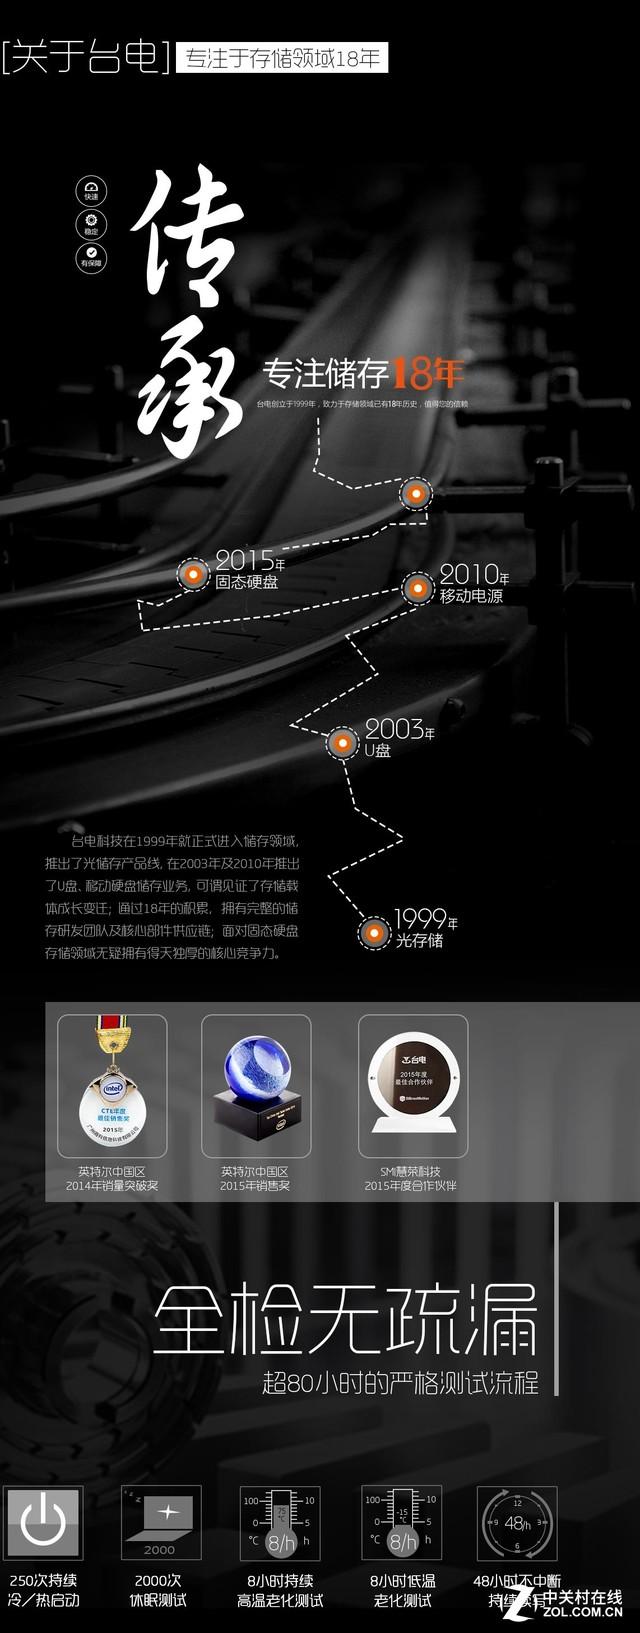 设计师的福音!台电NVMe SSD火热开售